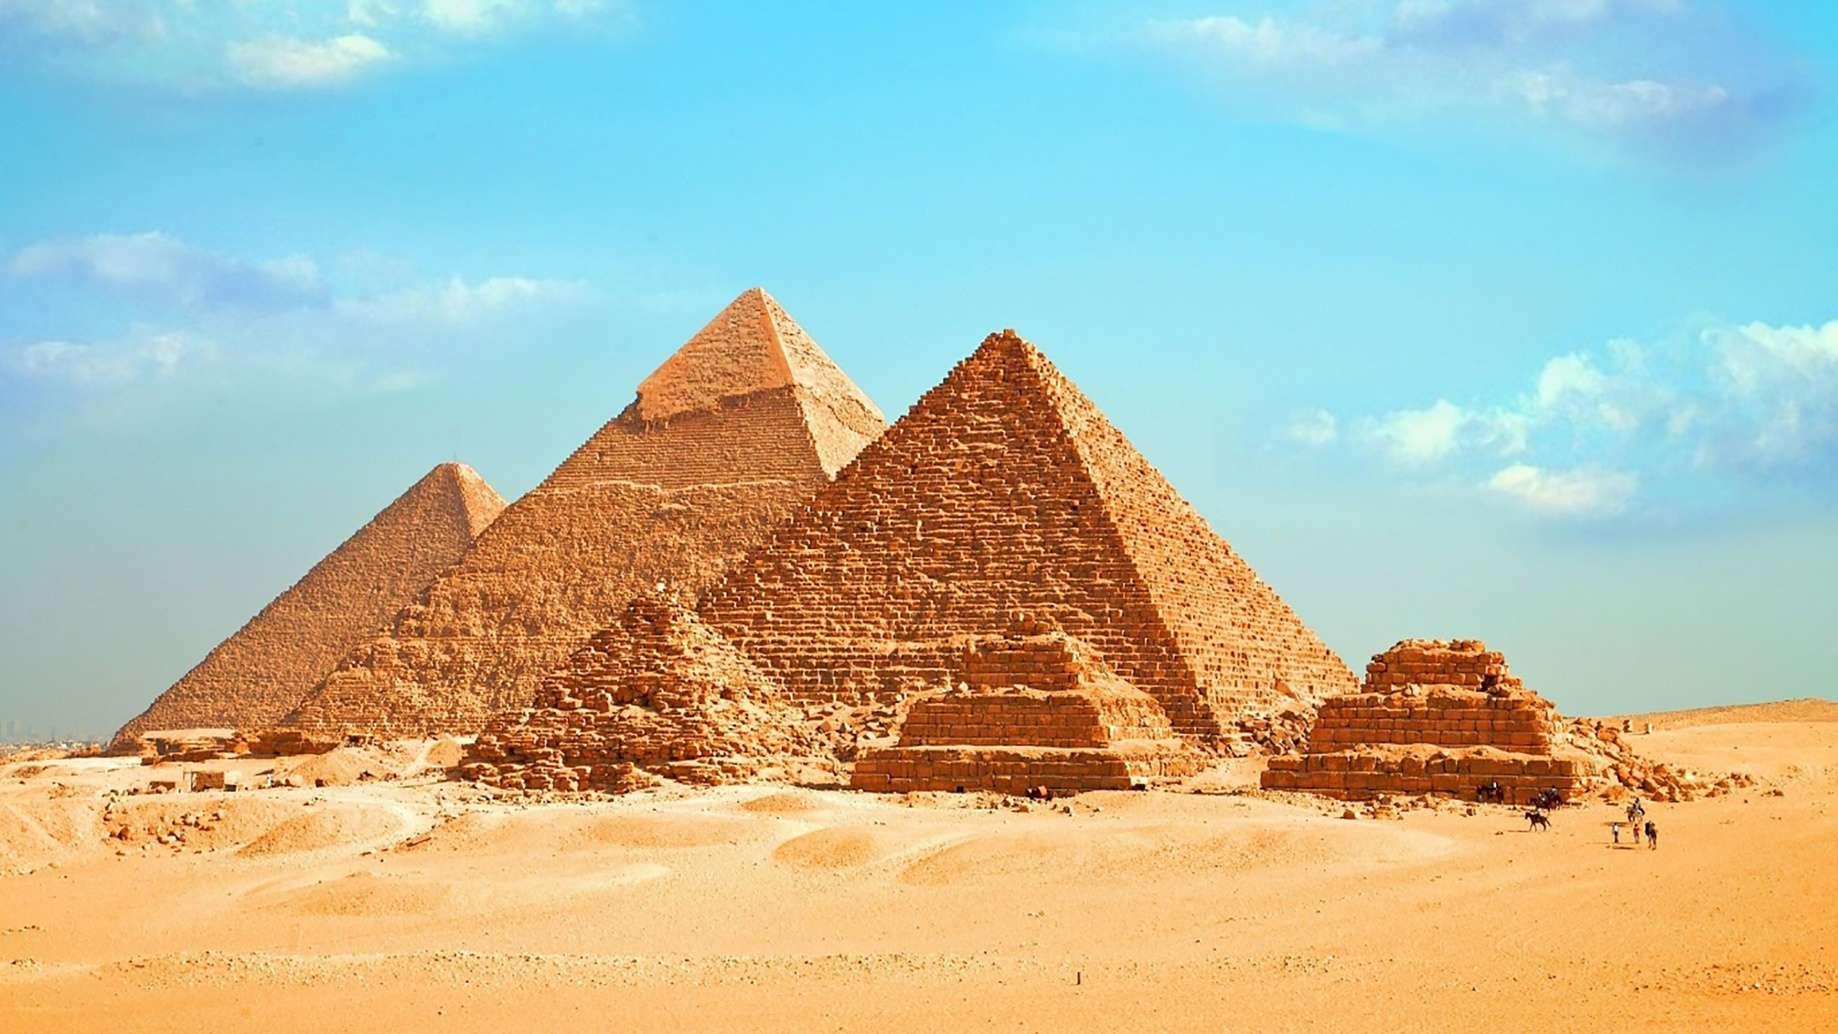 Un sarcophage égyptien vieux de 2.500 ans a été ouvert en direct à la TV ce dimanche 7 avril 2019 dans le cadre d'une émission de Discovery Channel. La momie d'un grand prêtre du dieu Thot s'y trouvait. © Ahmed, Fotolia